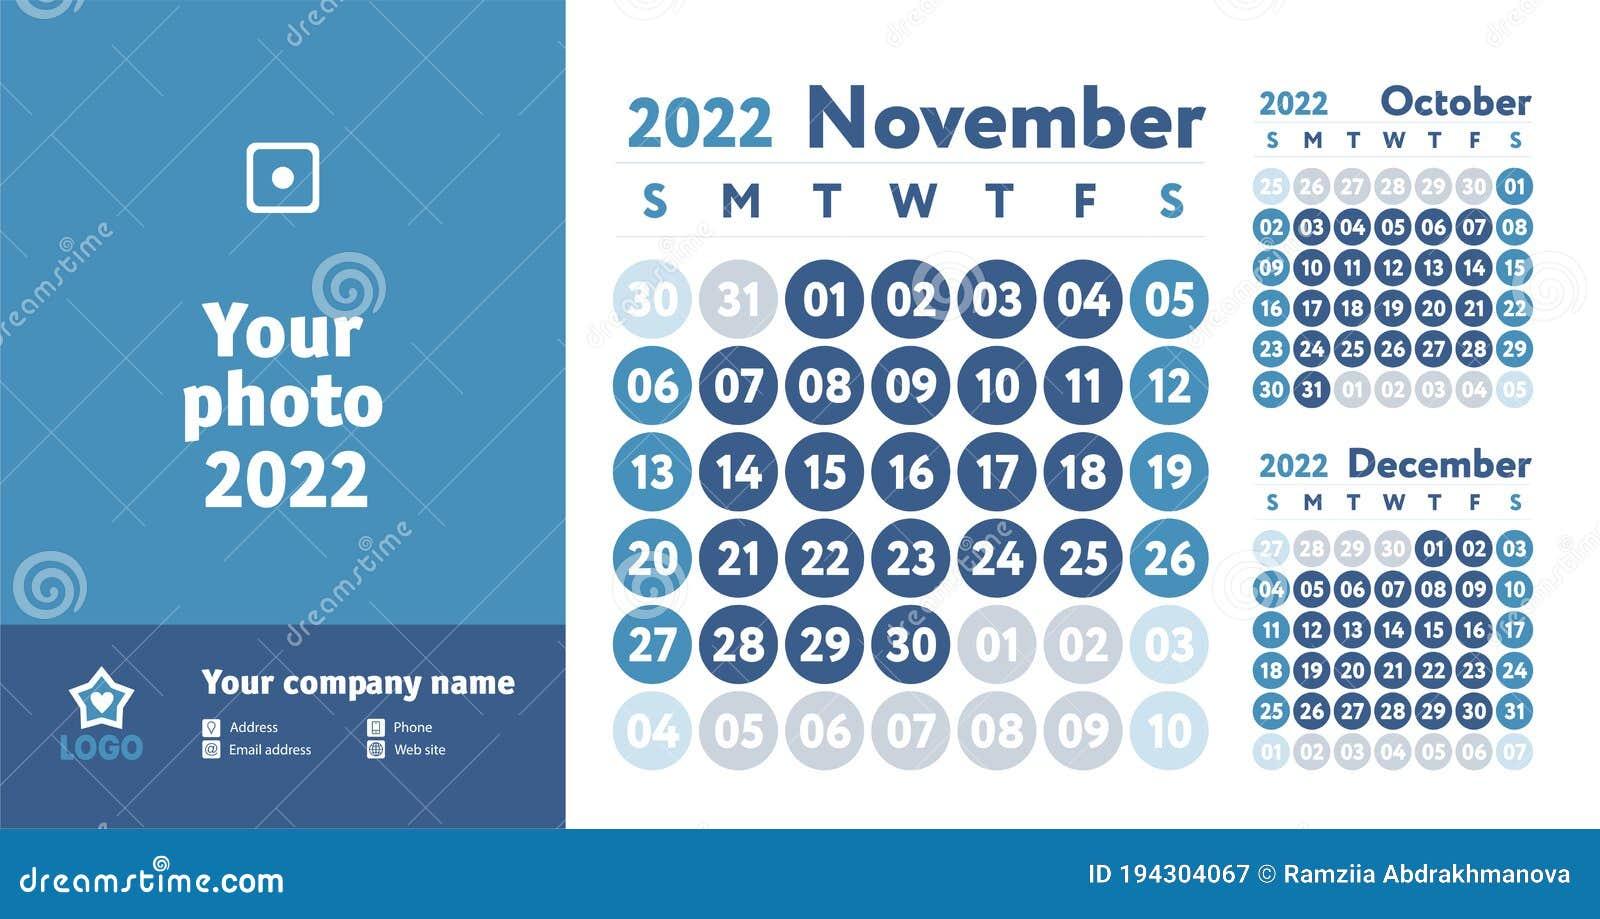 October November 2022 Calendar.November 2022 Calendar Blue Color Planner Design English Calender Vector Template Week Starts On Sunday Business Planning Stock Vector Illustration Of Blue Grid 194304067